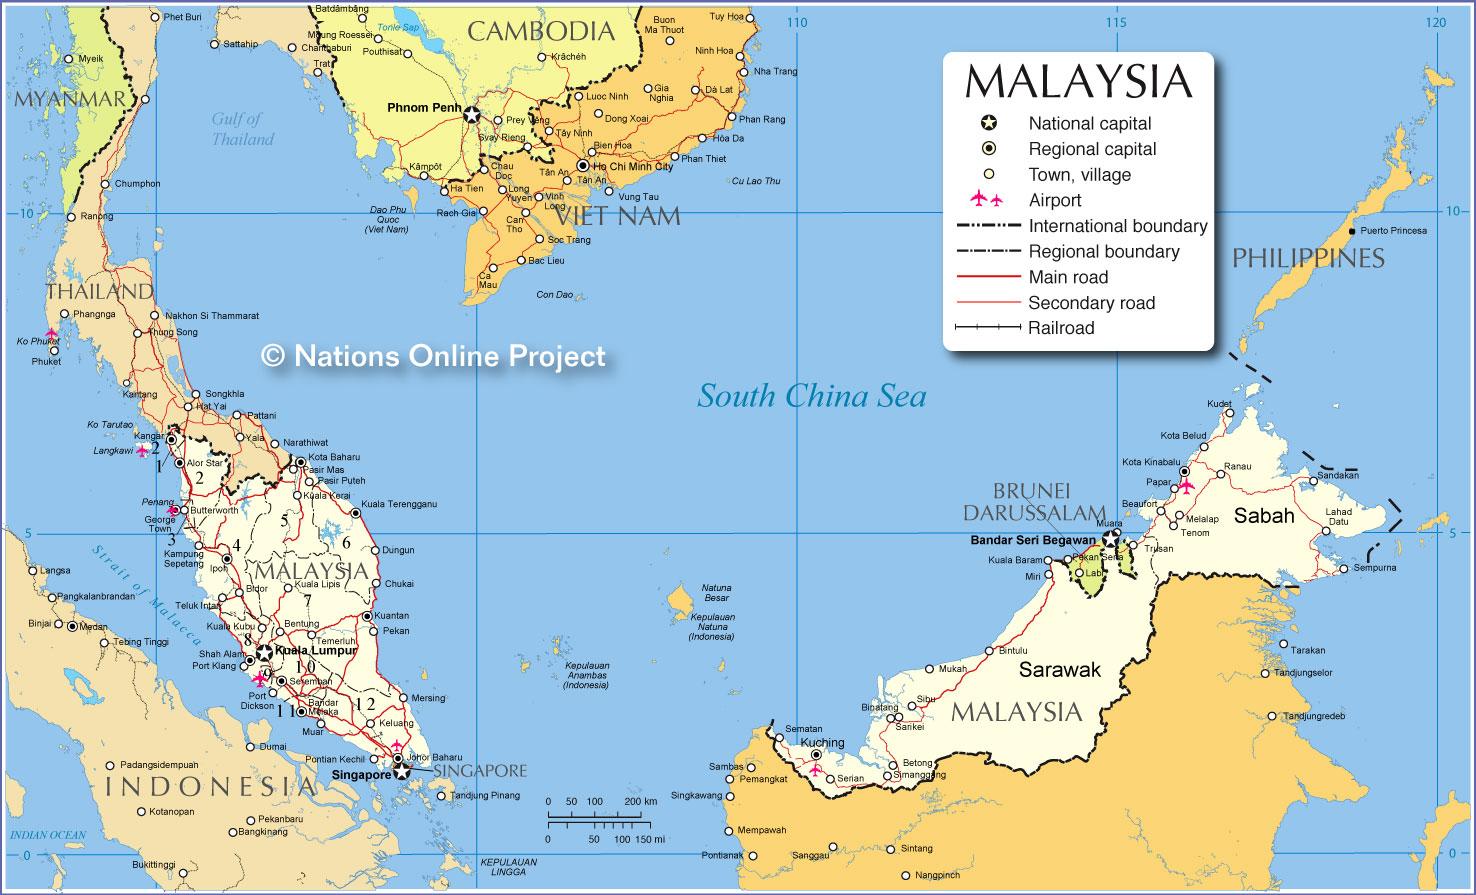 Malásia | Mapas Geográficos da Malásia